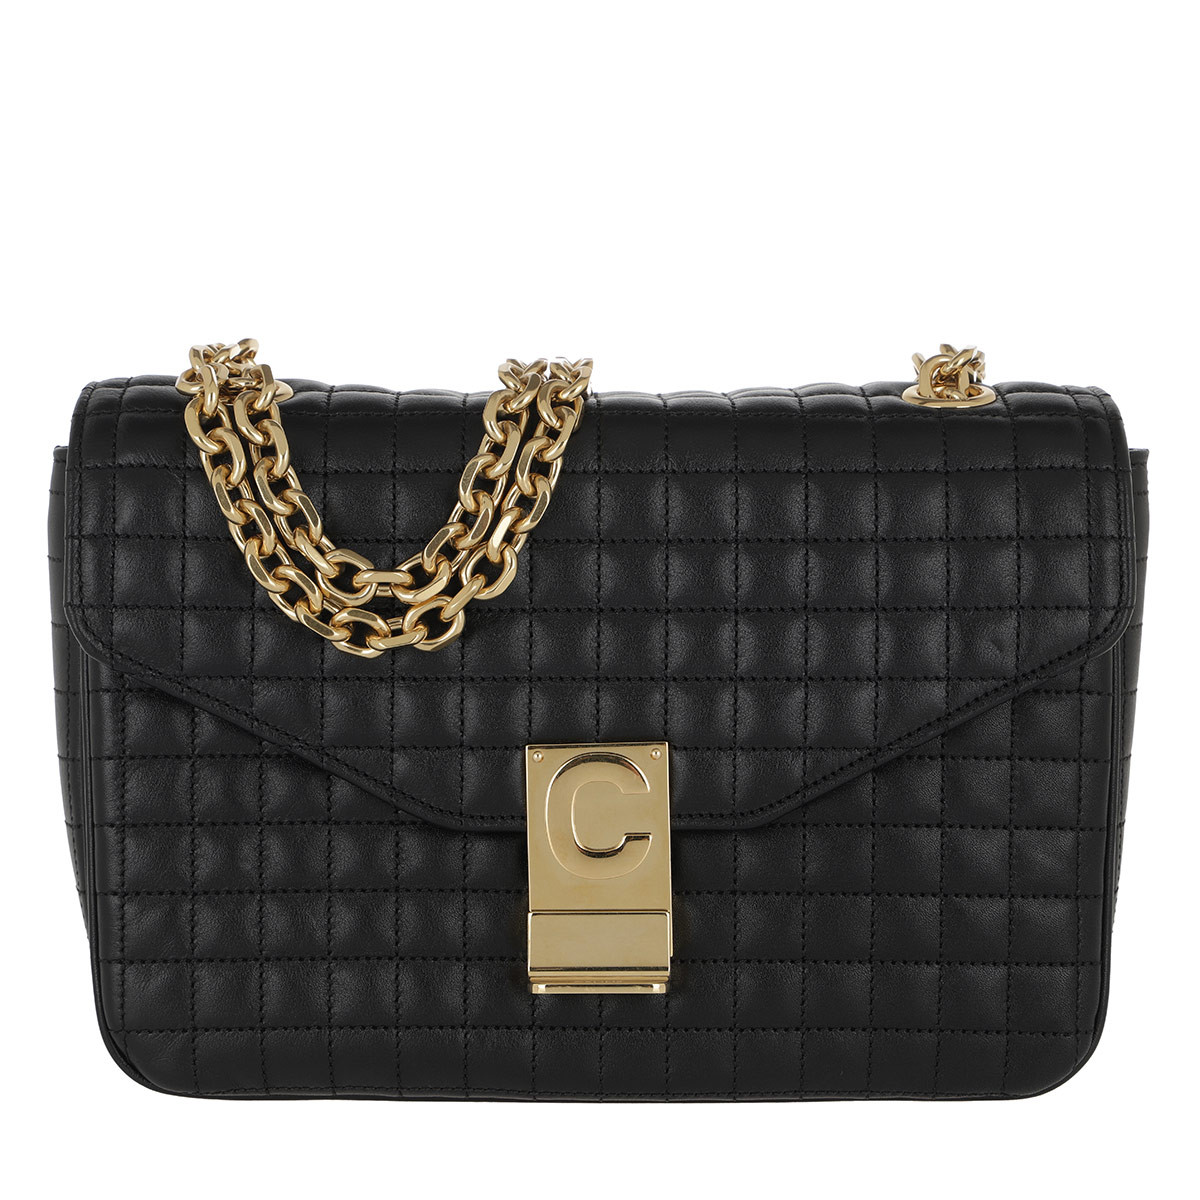 Celine Umhängetasche - C Bag Medium Quilted Calfskin Black - in schwarz - für Damen